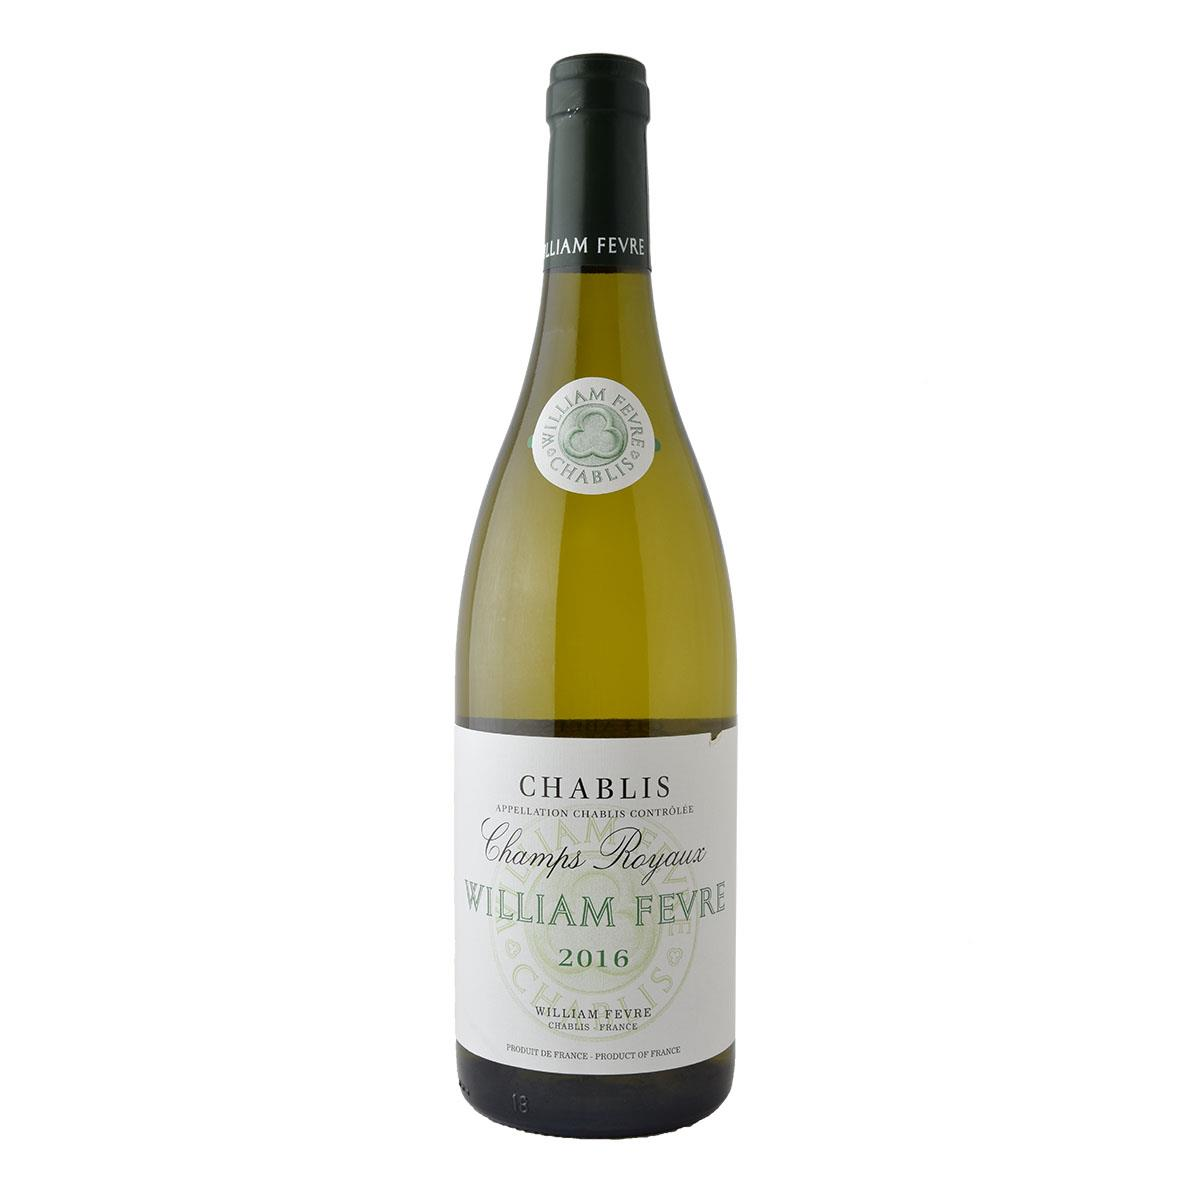 William Fevre Chablis Champs Royaux 750ml